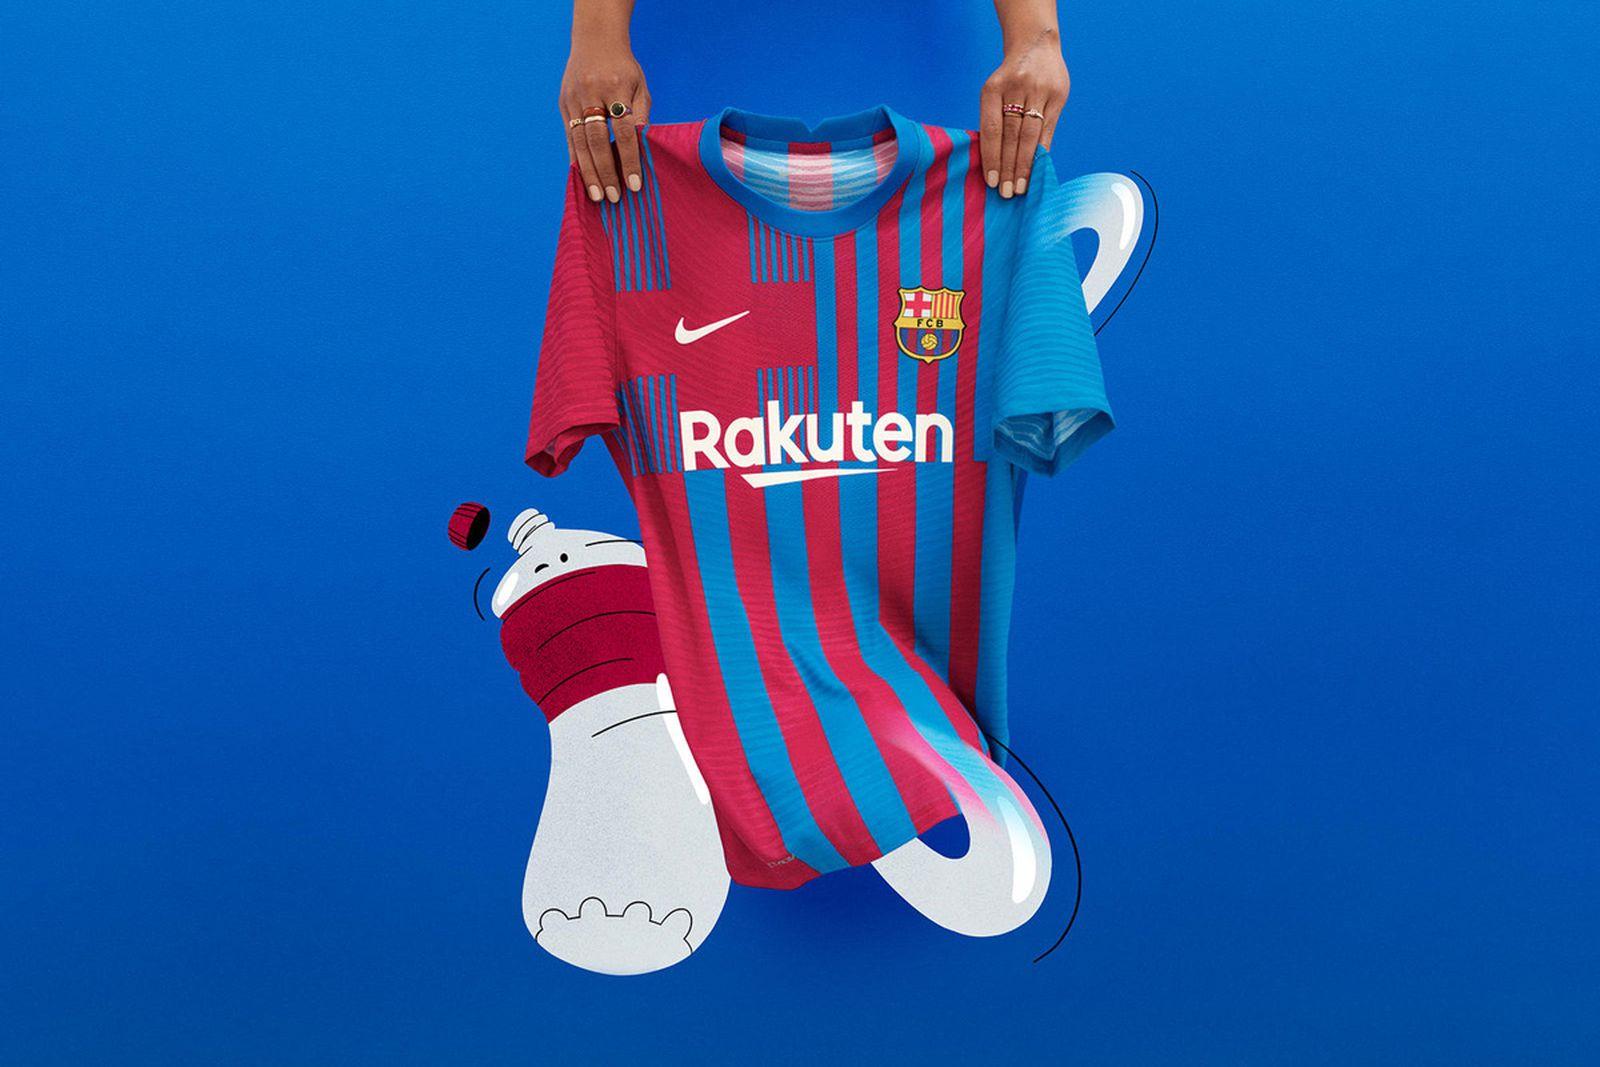 soccer-jersey-202122-stagione-editori-tavola rotonda 13